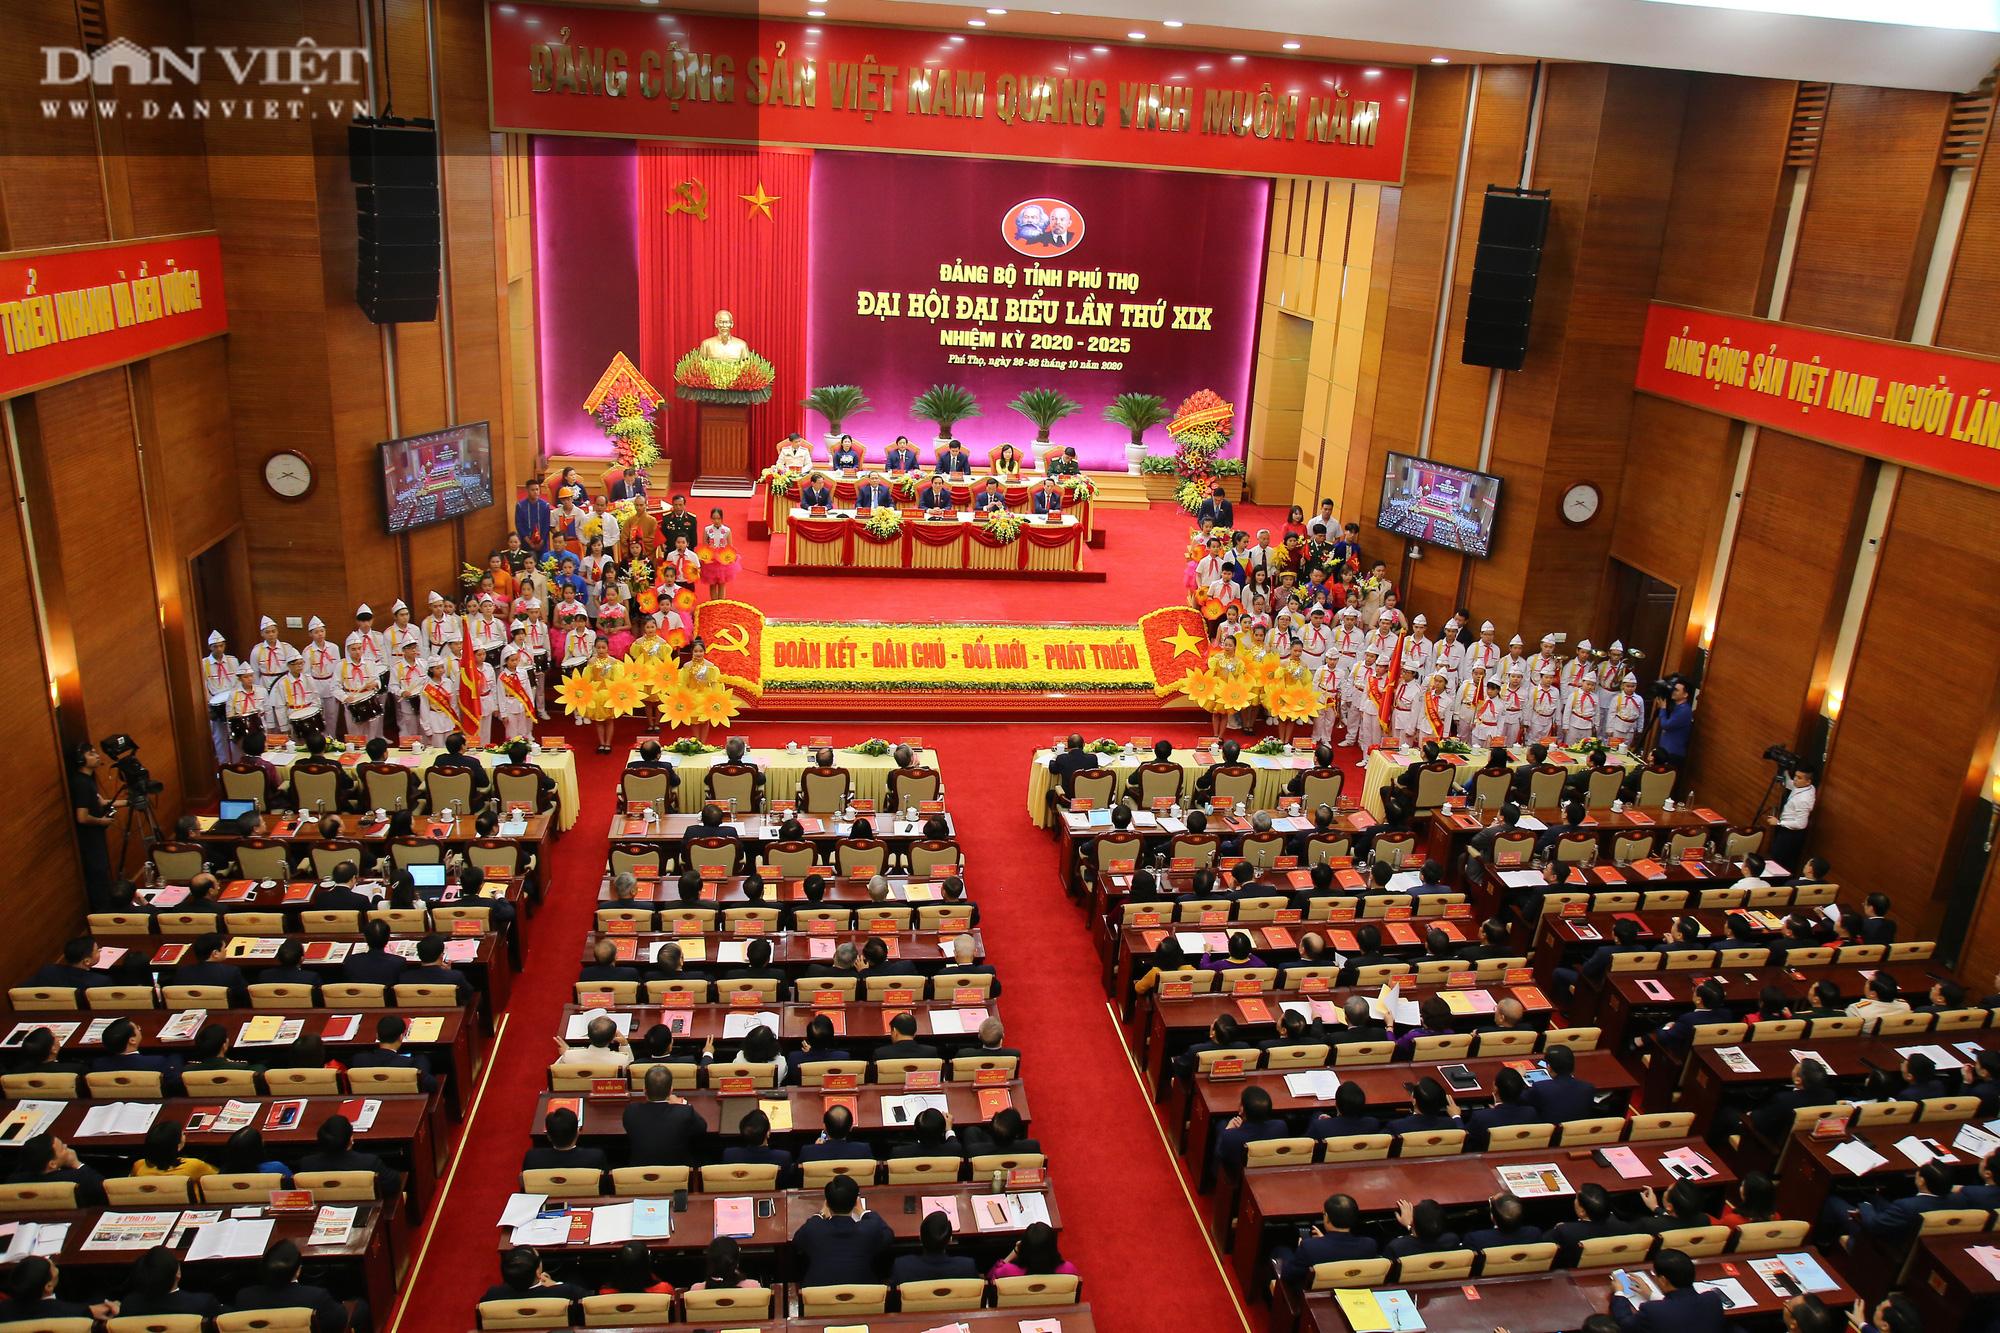 Thủ tướng Nguyễn Xuân Phúc: Phú Thọ có nhiều tiềm năng trở thành tỉnh phát triển hàng đầu trung du, miền núi phía Bắc - Ảnh 1.